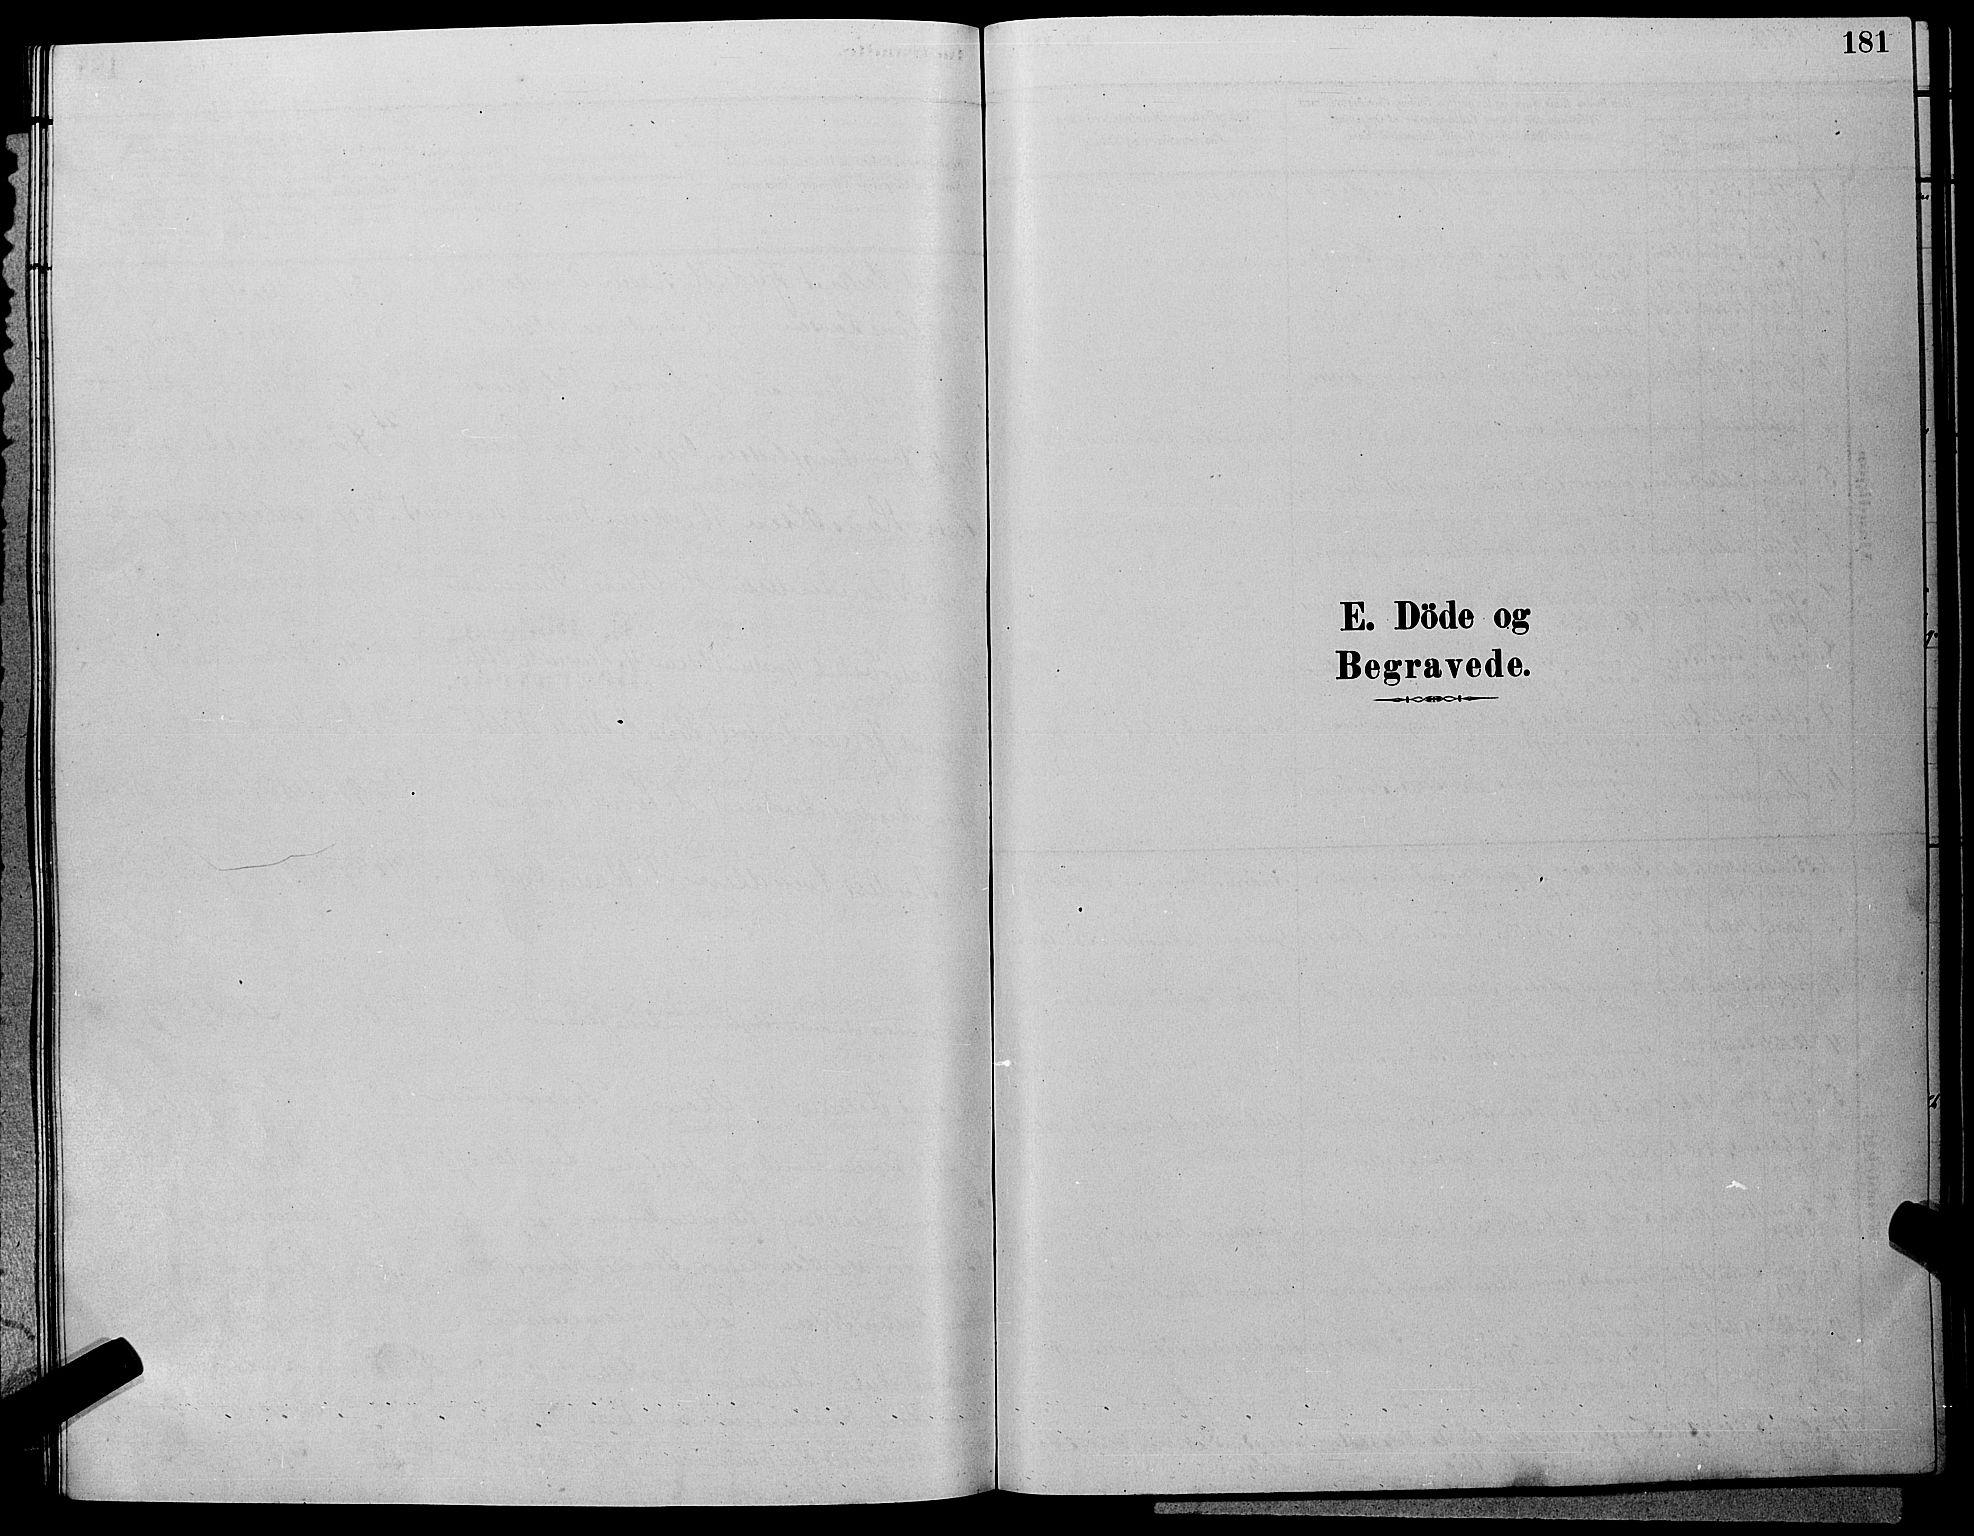 SAKO, Hole kirkebøker, G/Ga/L0003: Klokkerbok nr. I 3, 1879-1904, s. 181